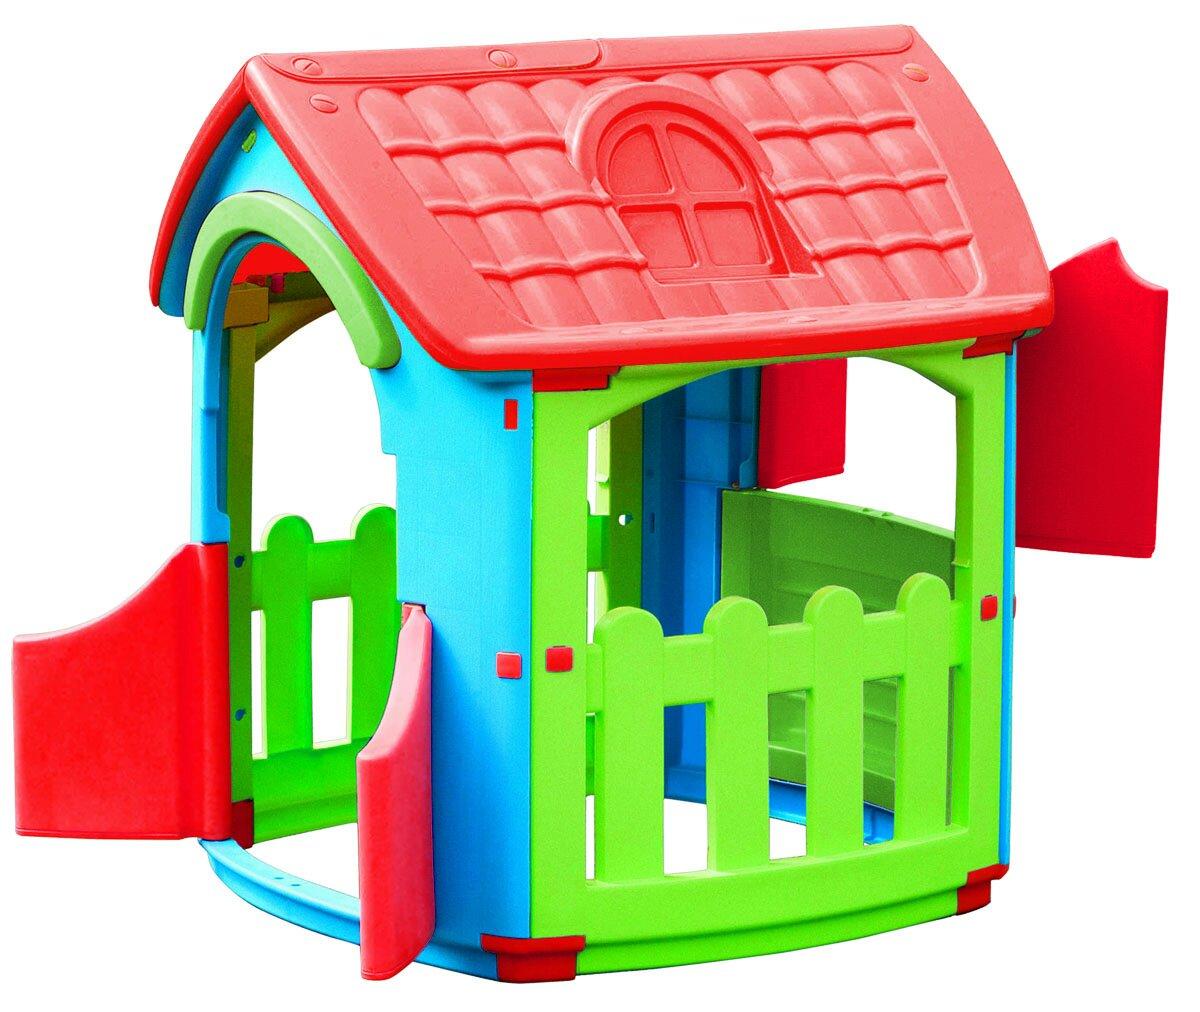 Игровой домик с открывающимися дверцами и ставнямиПластиковые домики для дачи<br>Игровой домик с открывающимися дверцами и ставнями<br>